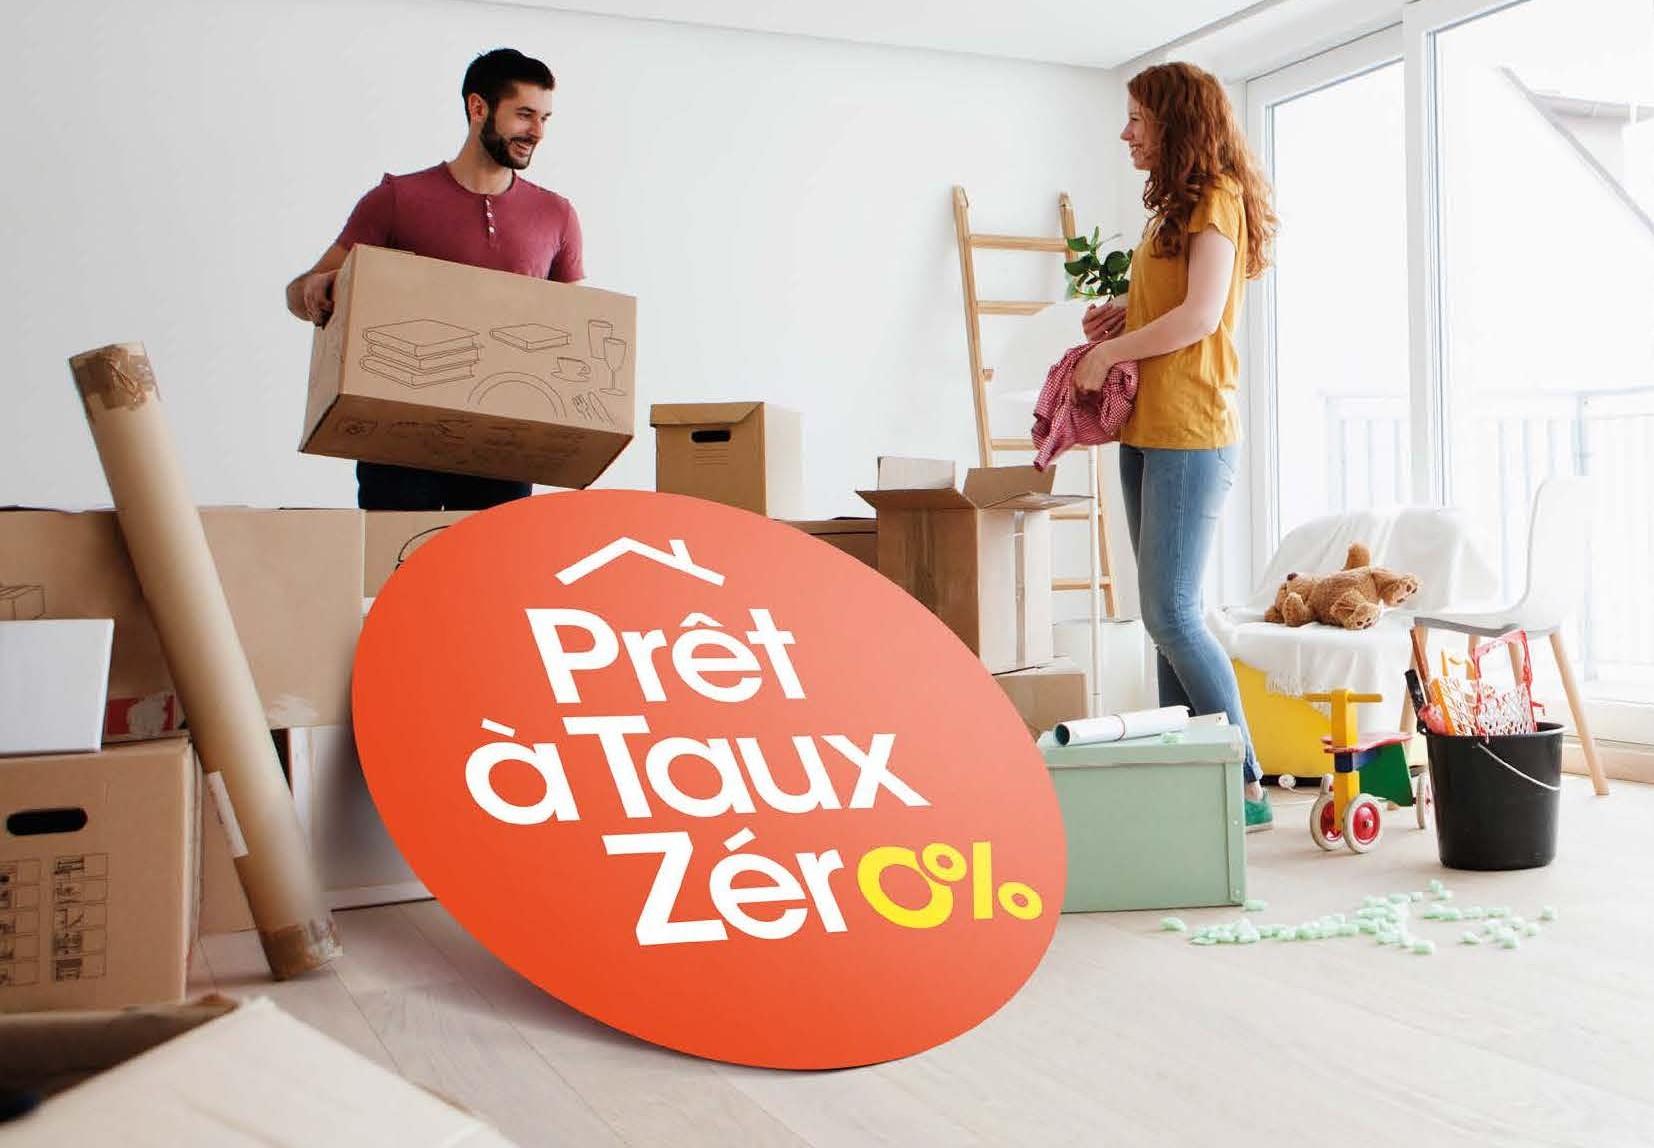 Le PTZ 2016: un dispositif pour faciliter la primo-accession de logement